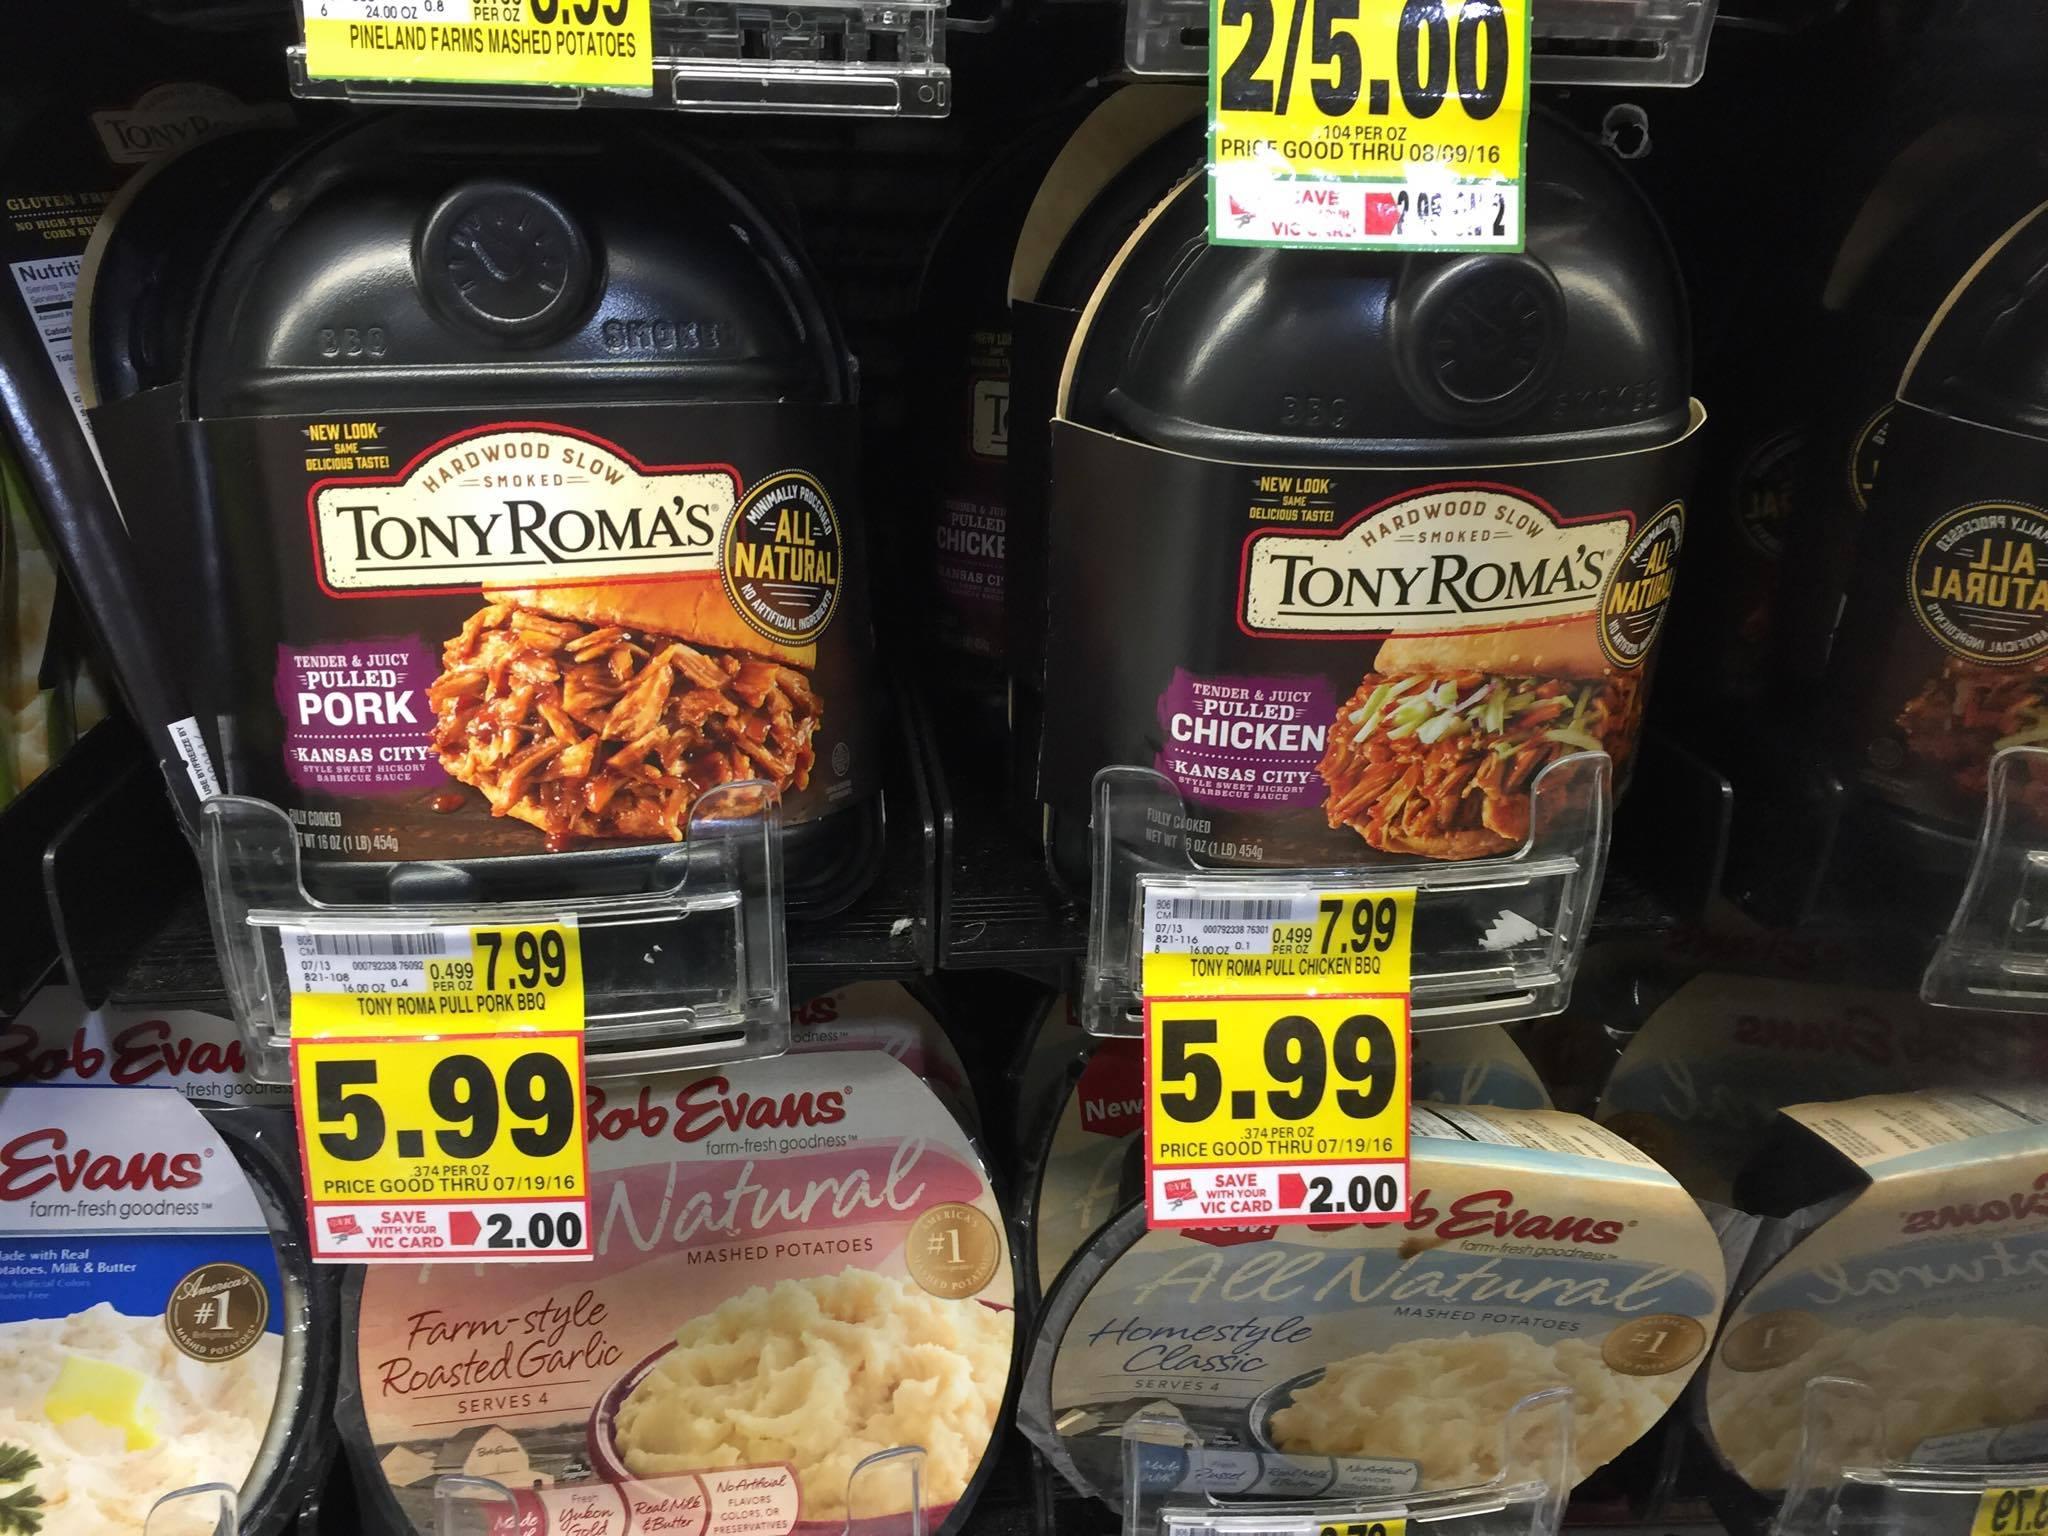 tony roma's harris teeter